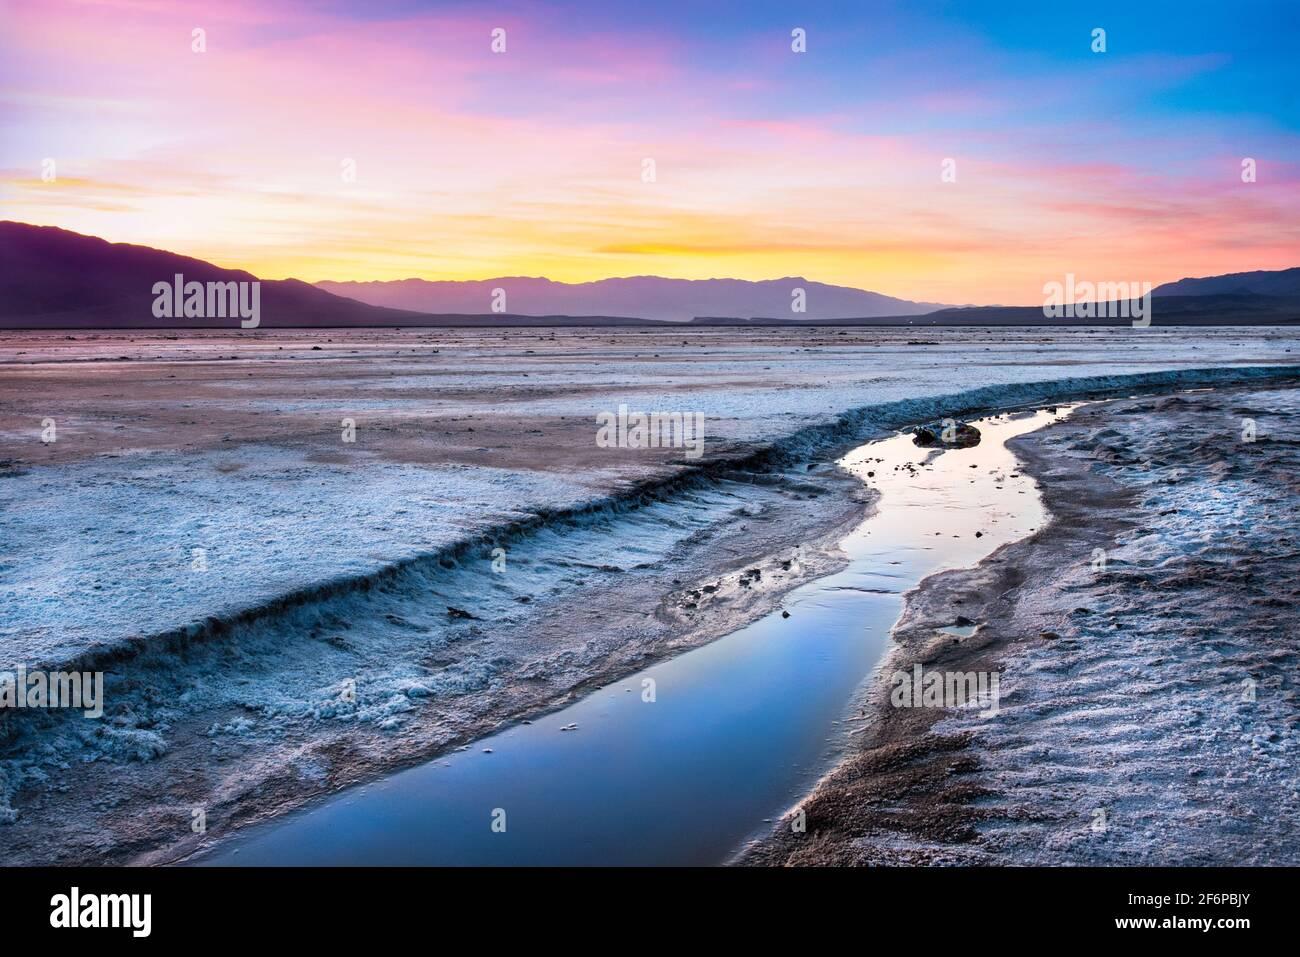 Magnifique paysage de la vallée de la mort en Californie au coucher du soleil avec Salt creek dans la vue Banque D'Images